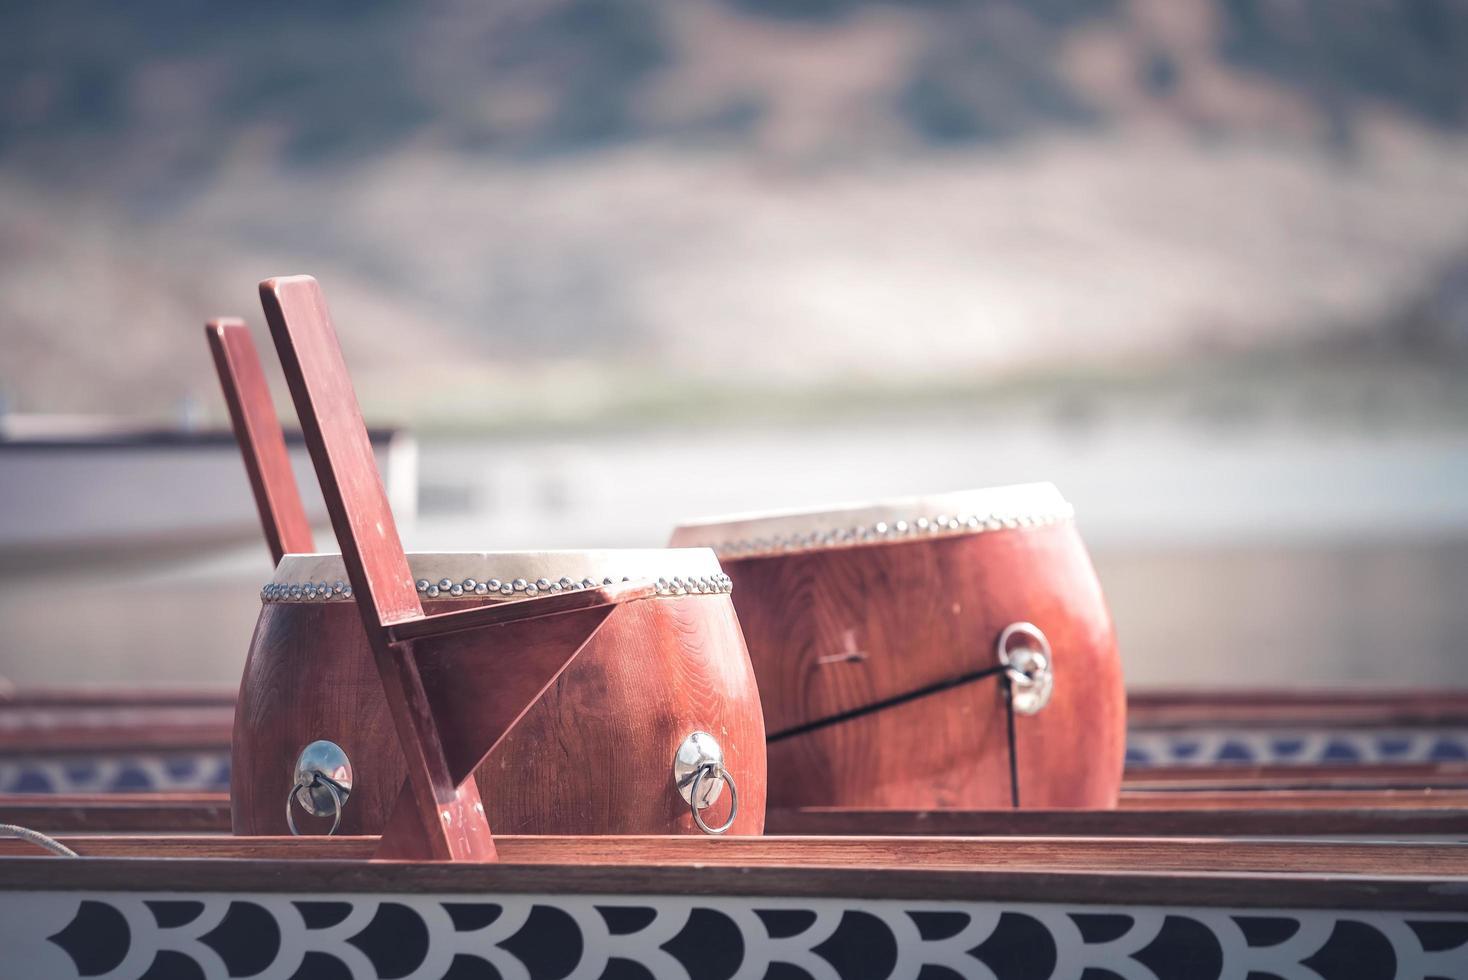 Tambor de barco dragón utilizado para pasear a los remeros foto